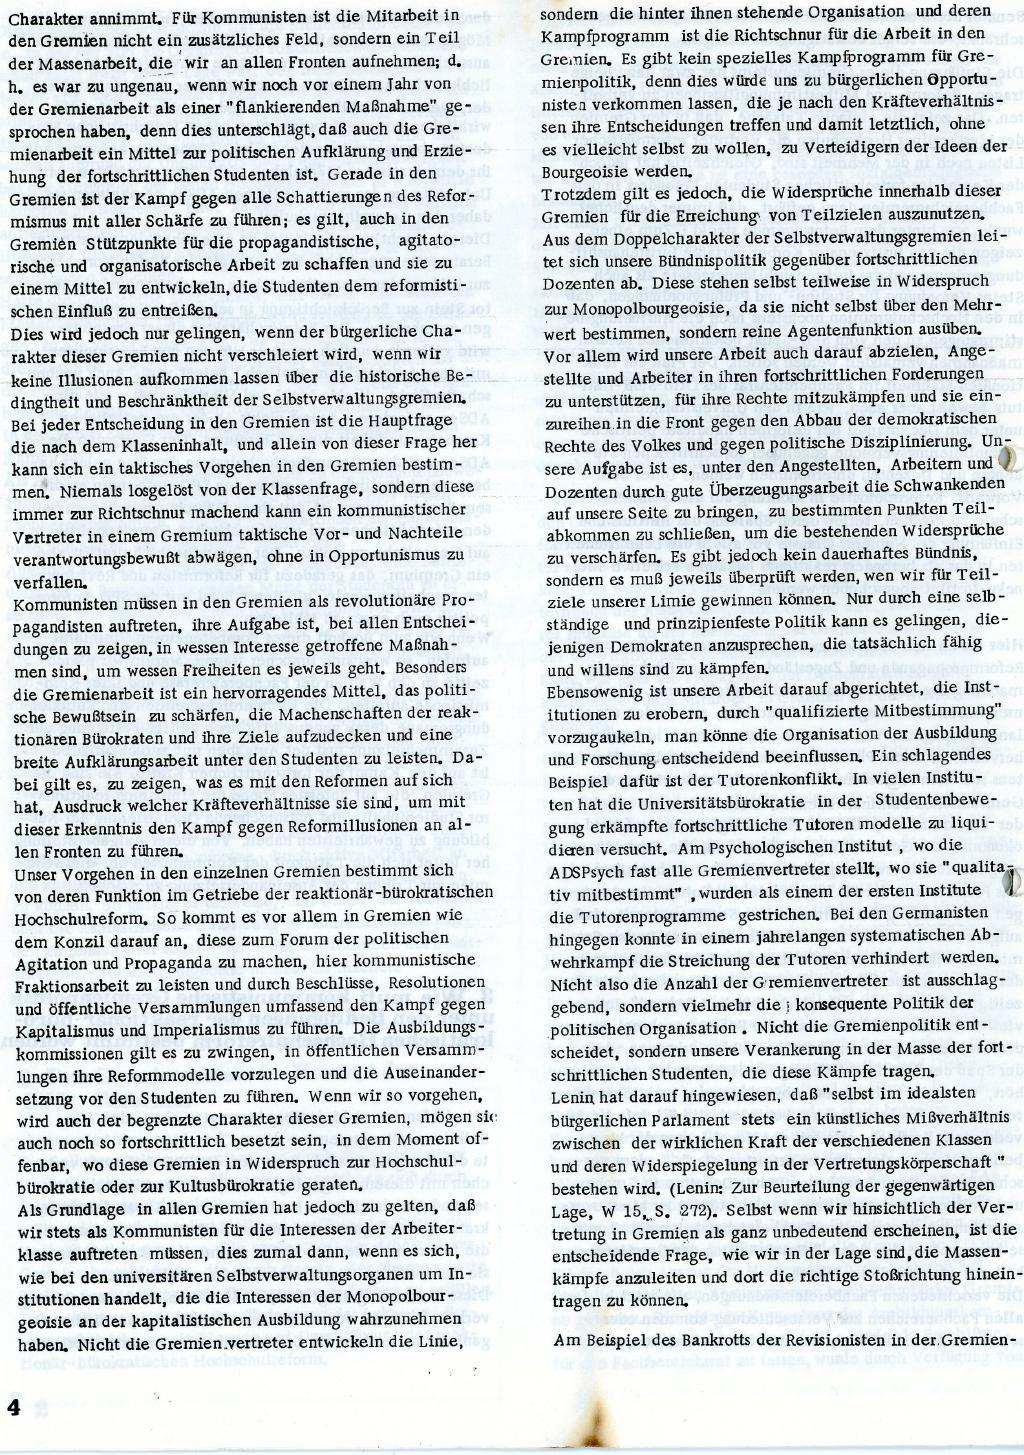 RPK_1972_173_04